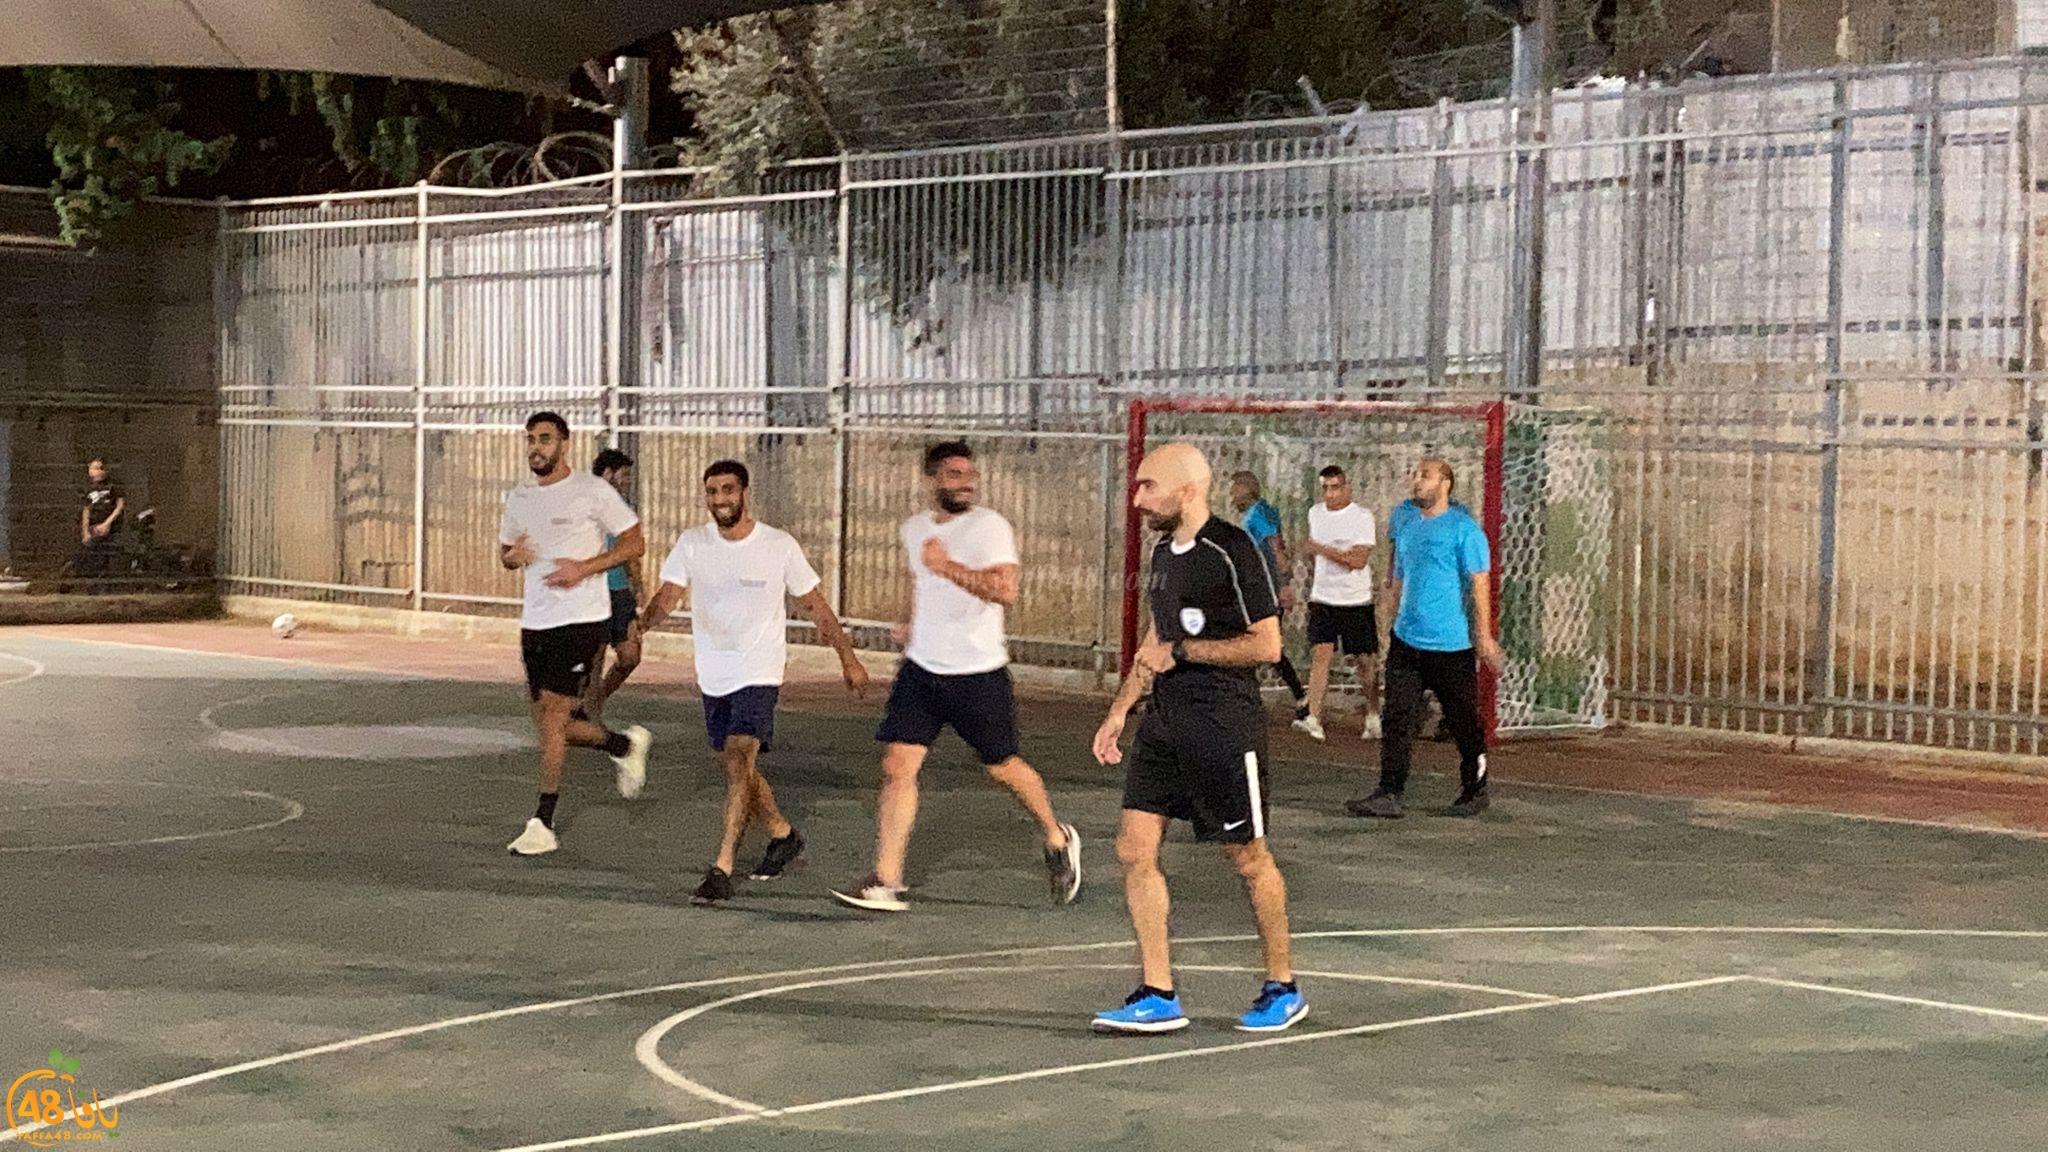 فيديو: مركز الشبيبة ييفت 83 يُطلق دوري كرة القدم بيافا